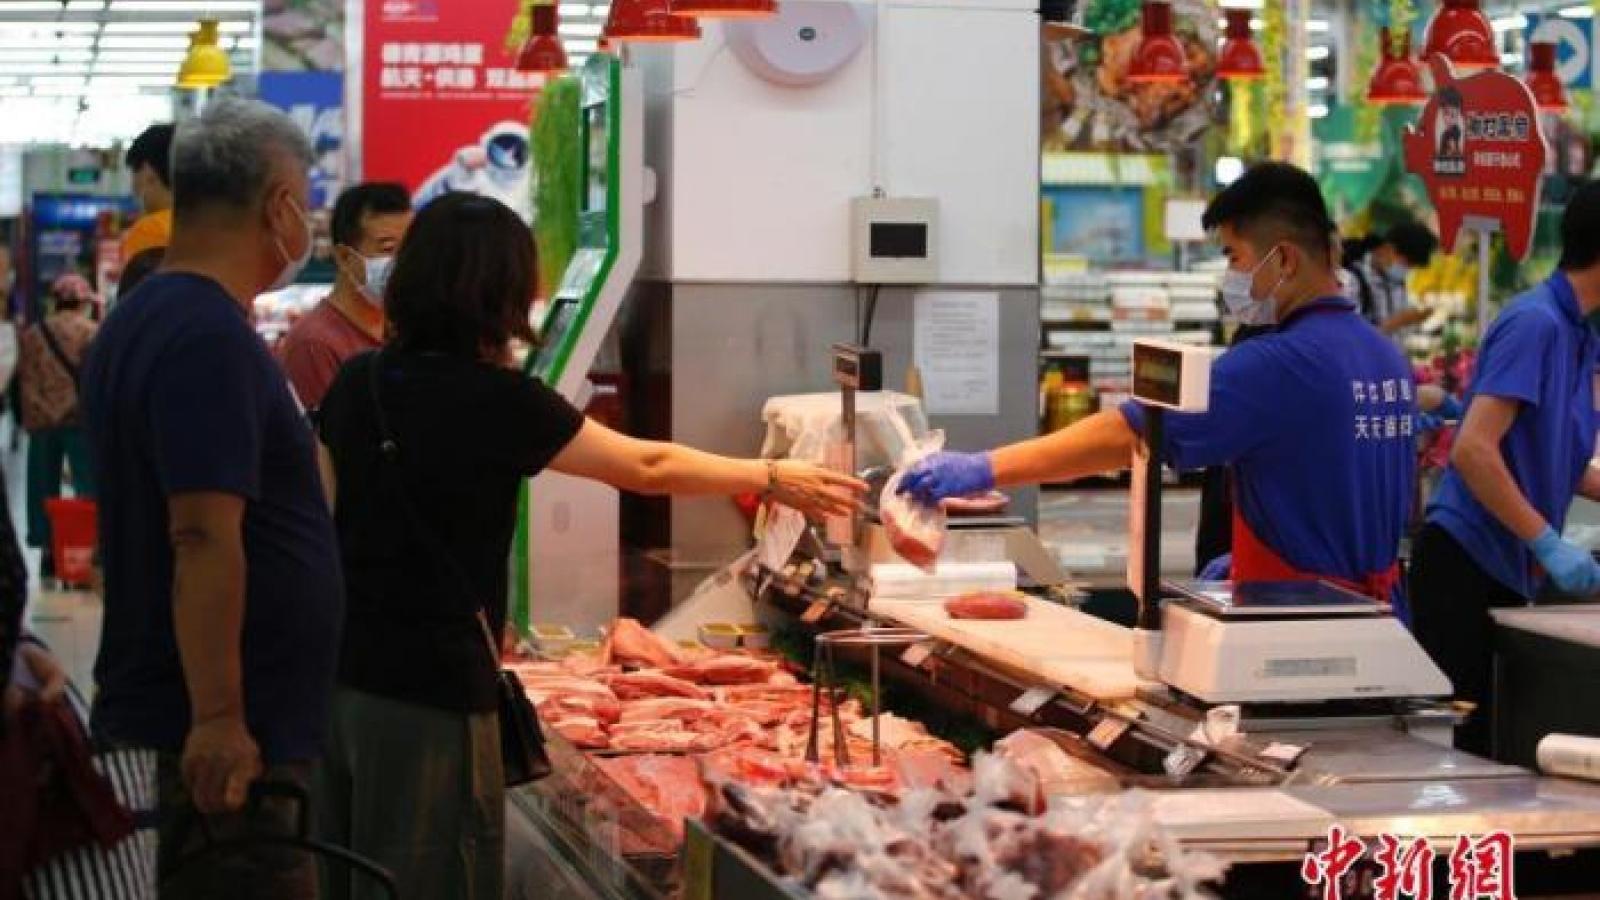 CPI của Trung Quốc lần đầu tiên tăng trưởng âm sau 11 năm